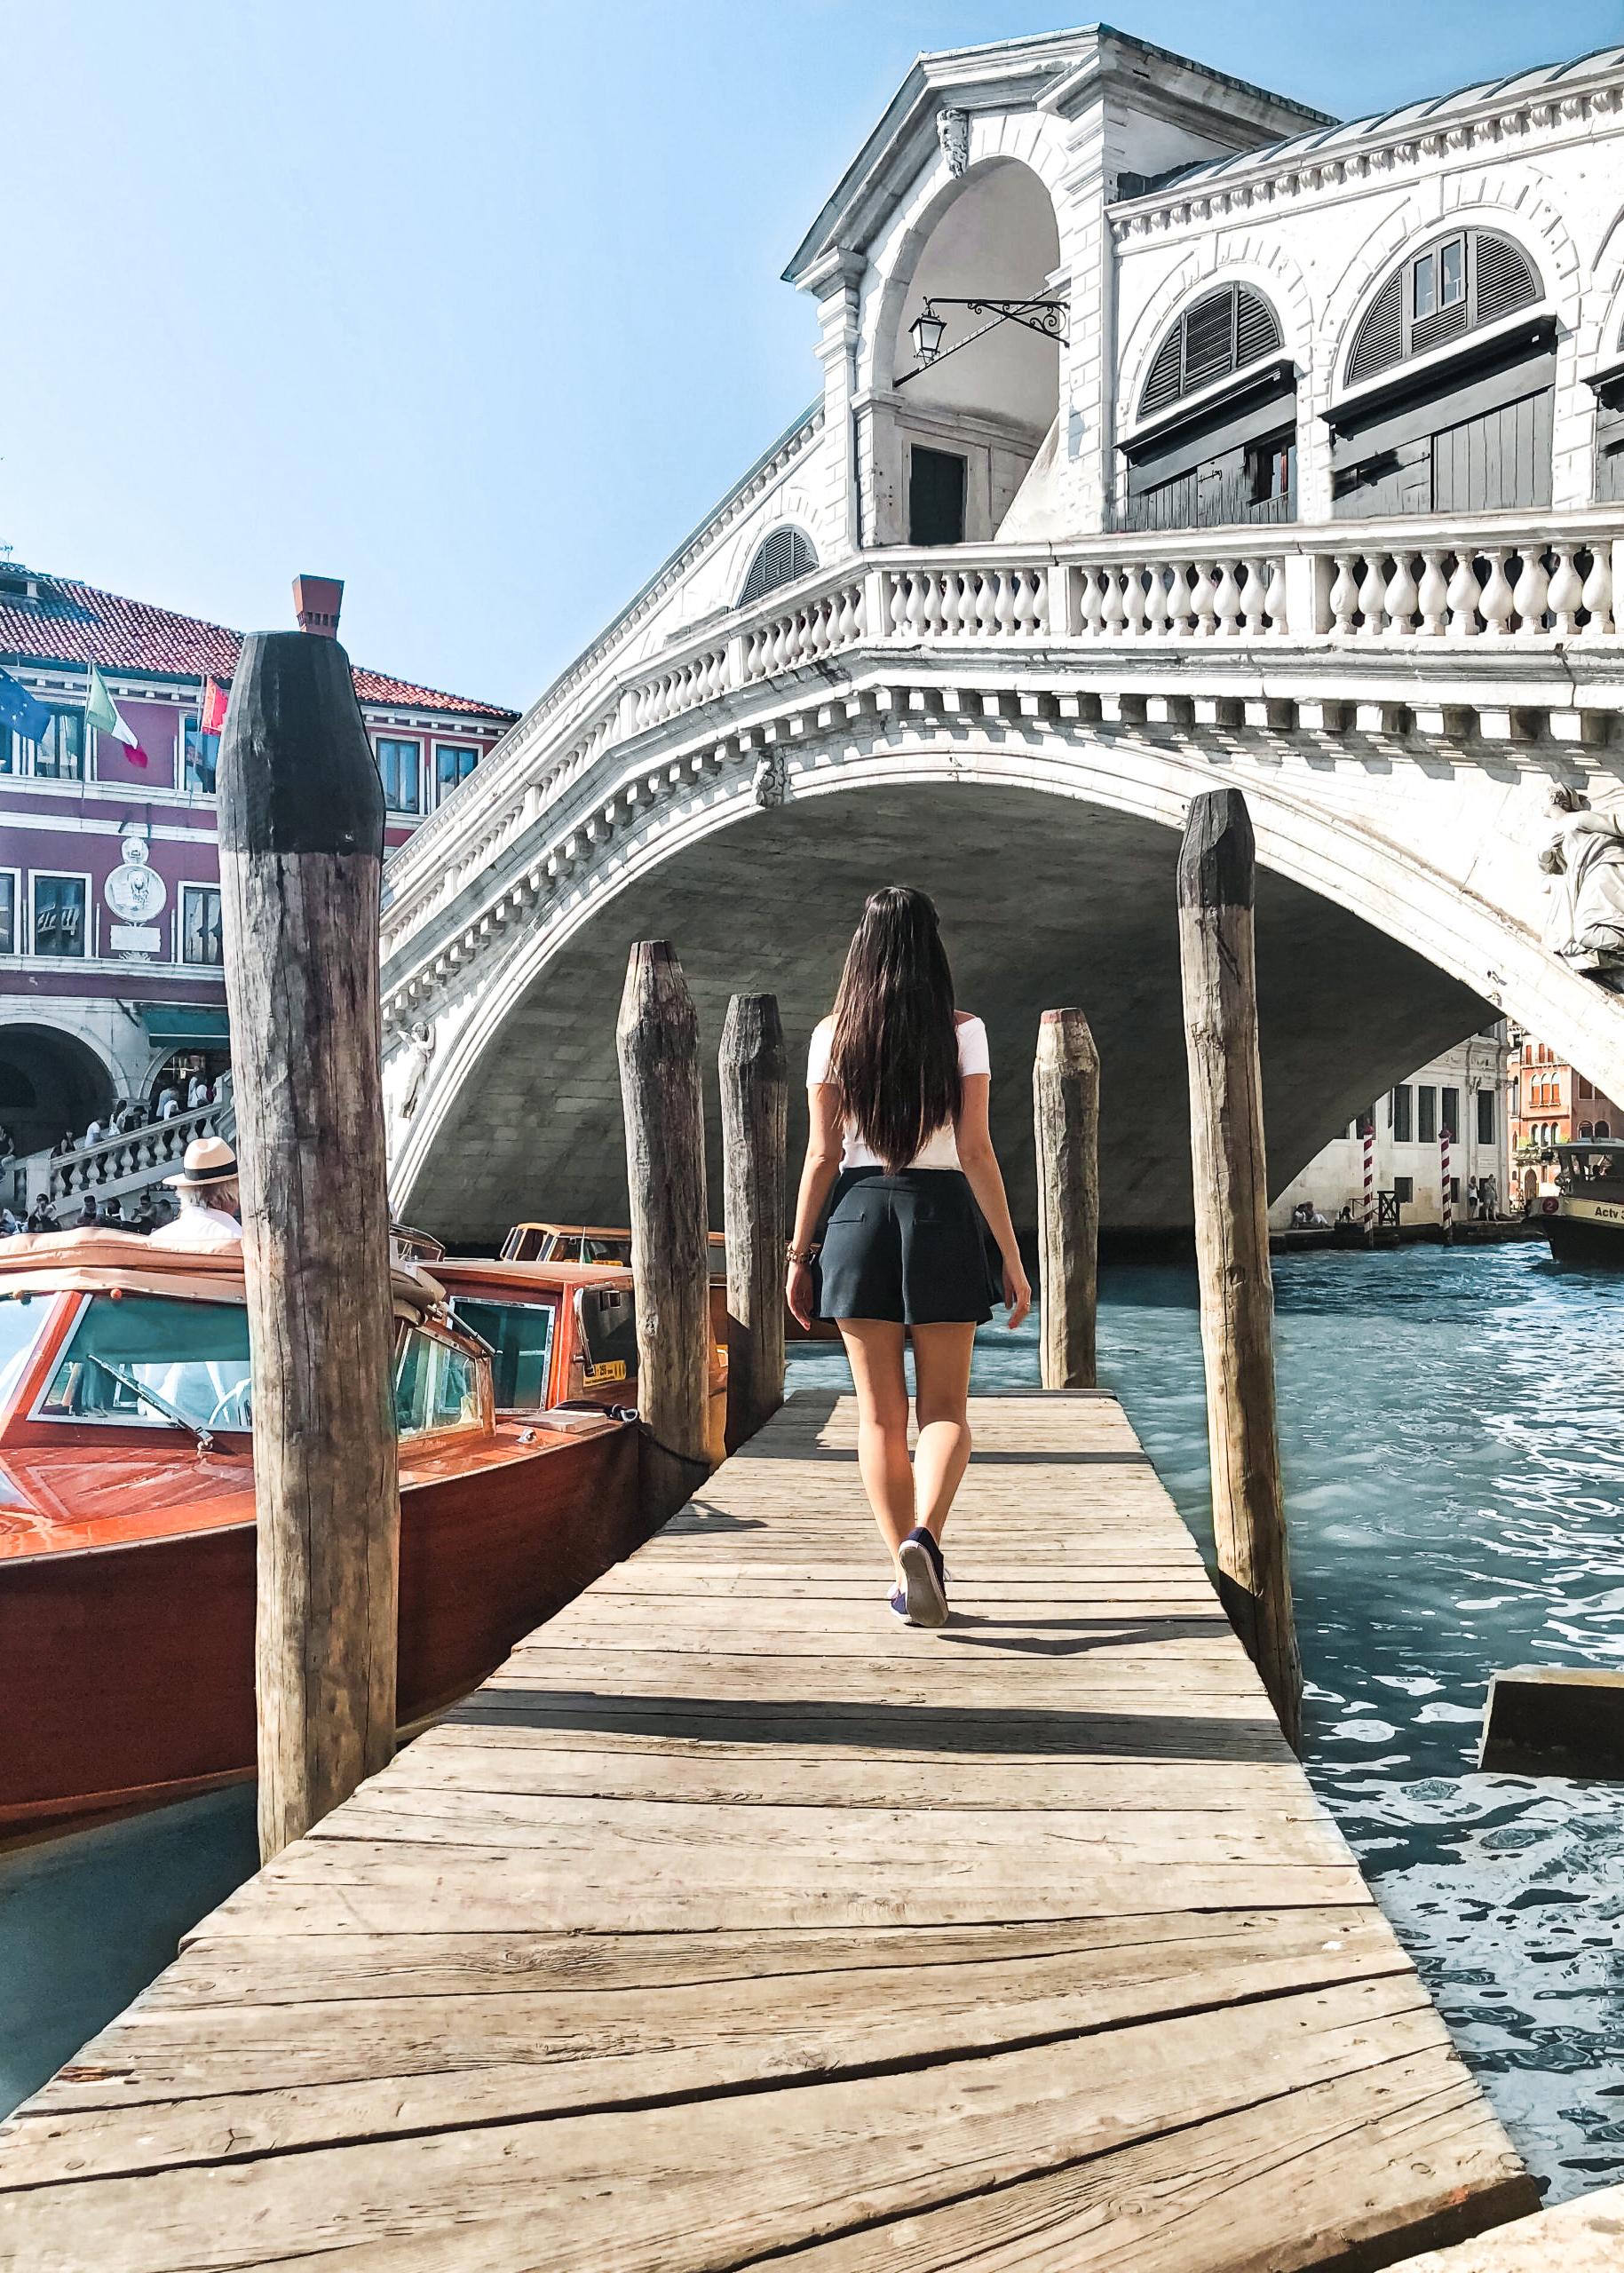 Venise: où et quand prendre de belles photos